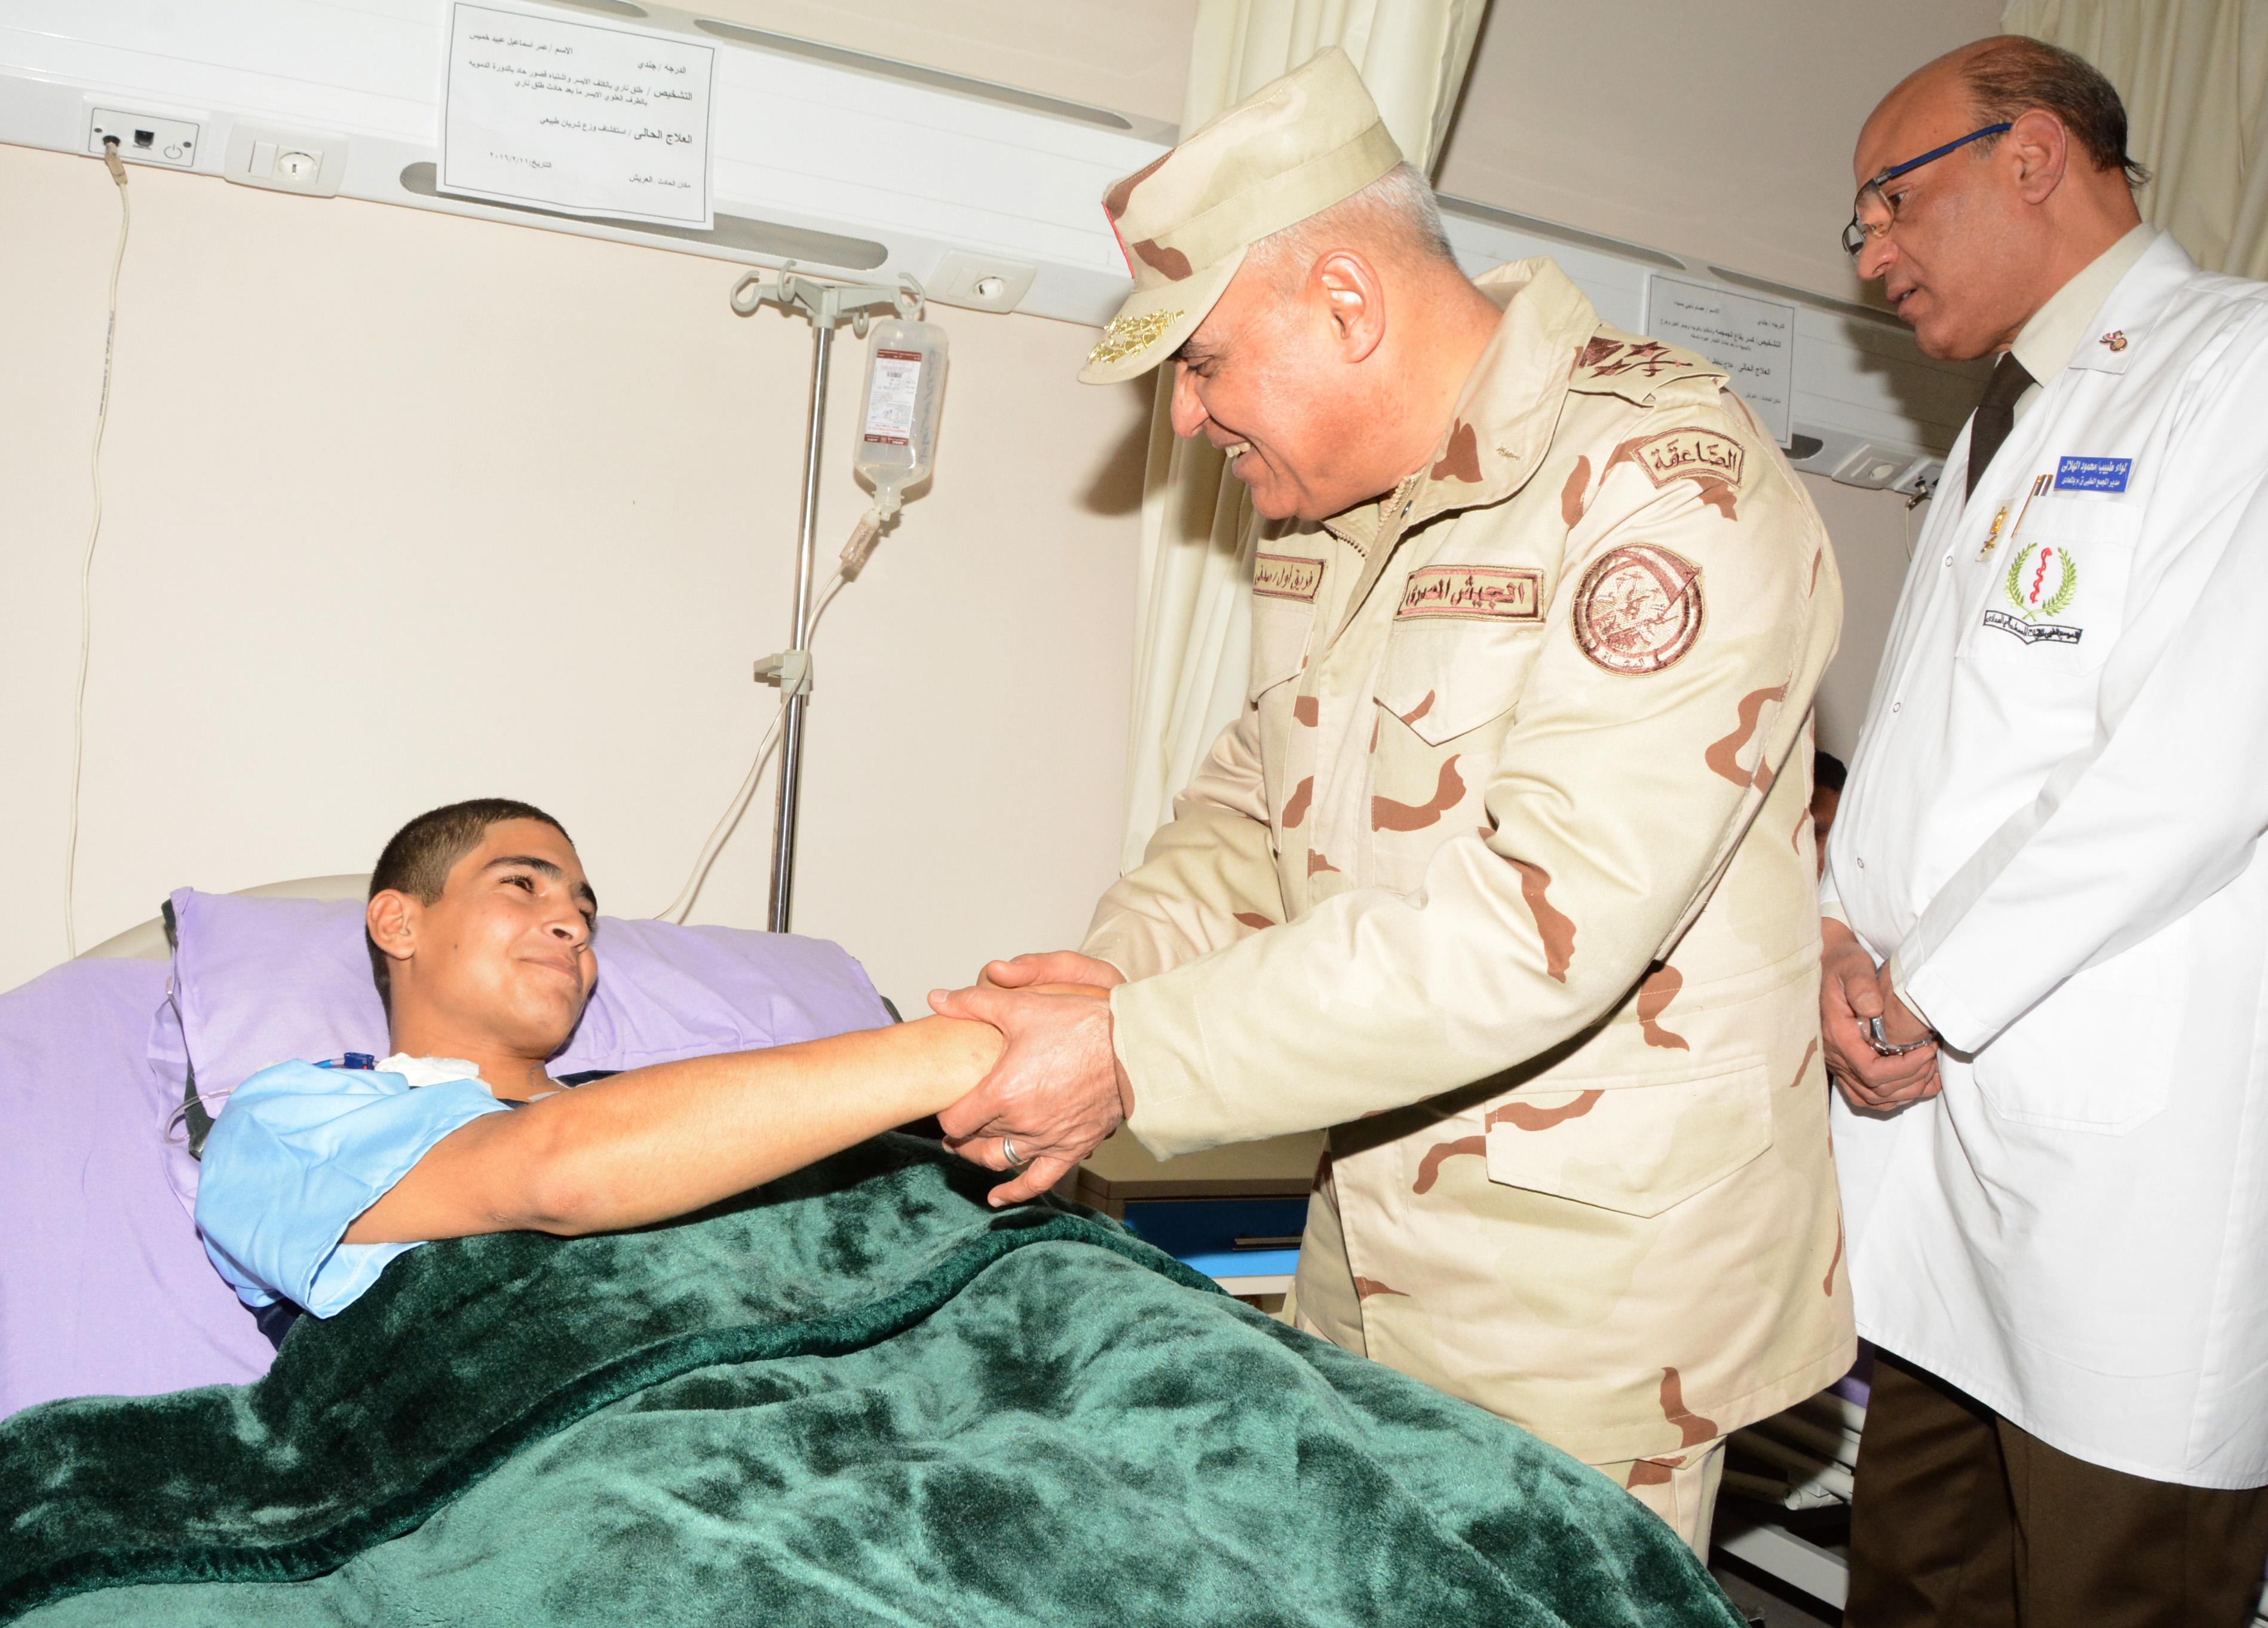 وزير الدفاع يزور مصابى العمليات الإرهابية في مستشفي المعادى